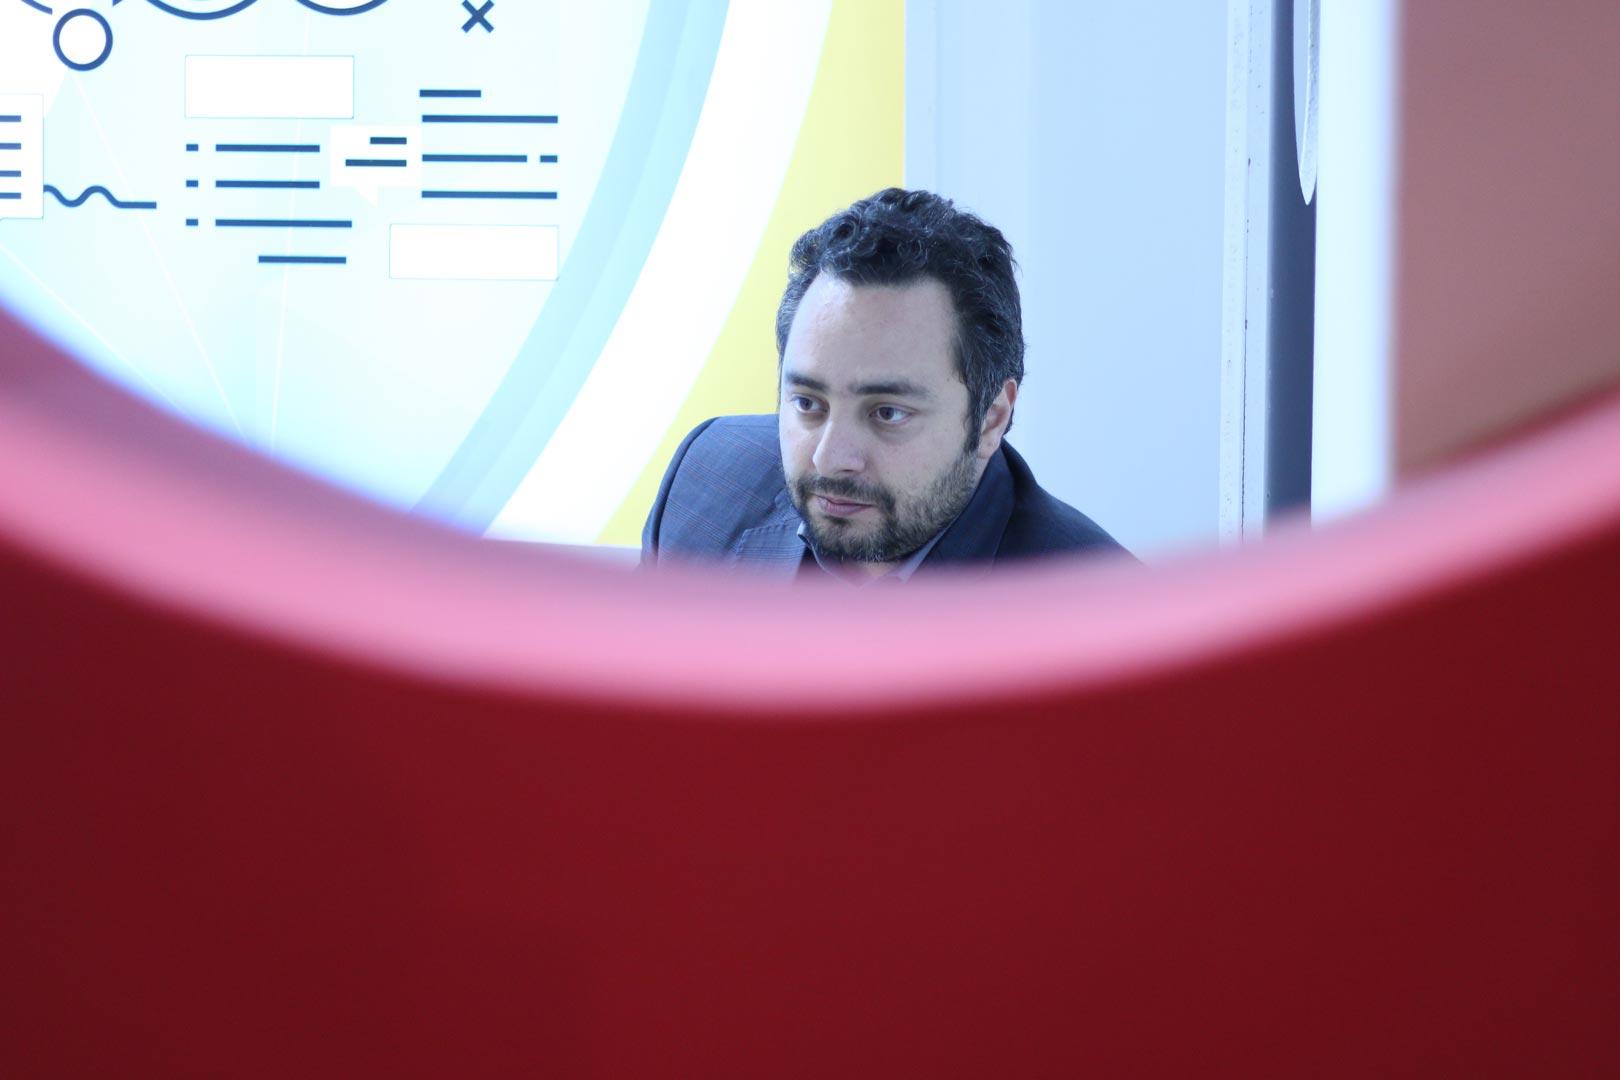 شرکت مبین وان در بیست و چهارمین نمایشگاه الکامپ